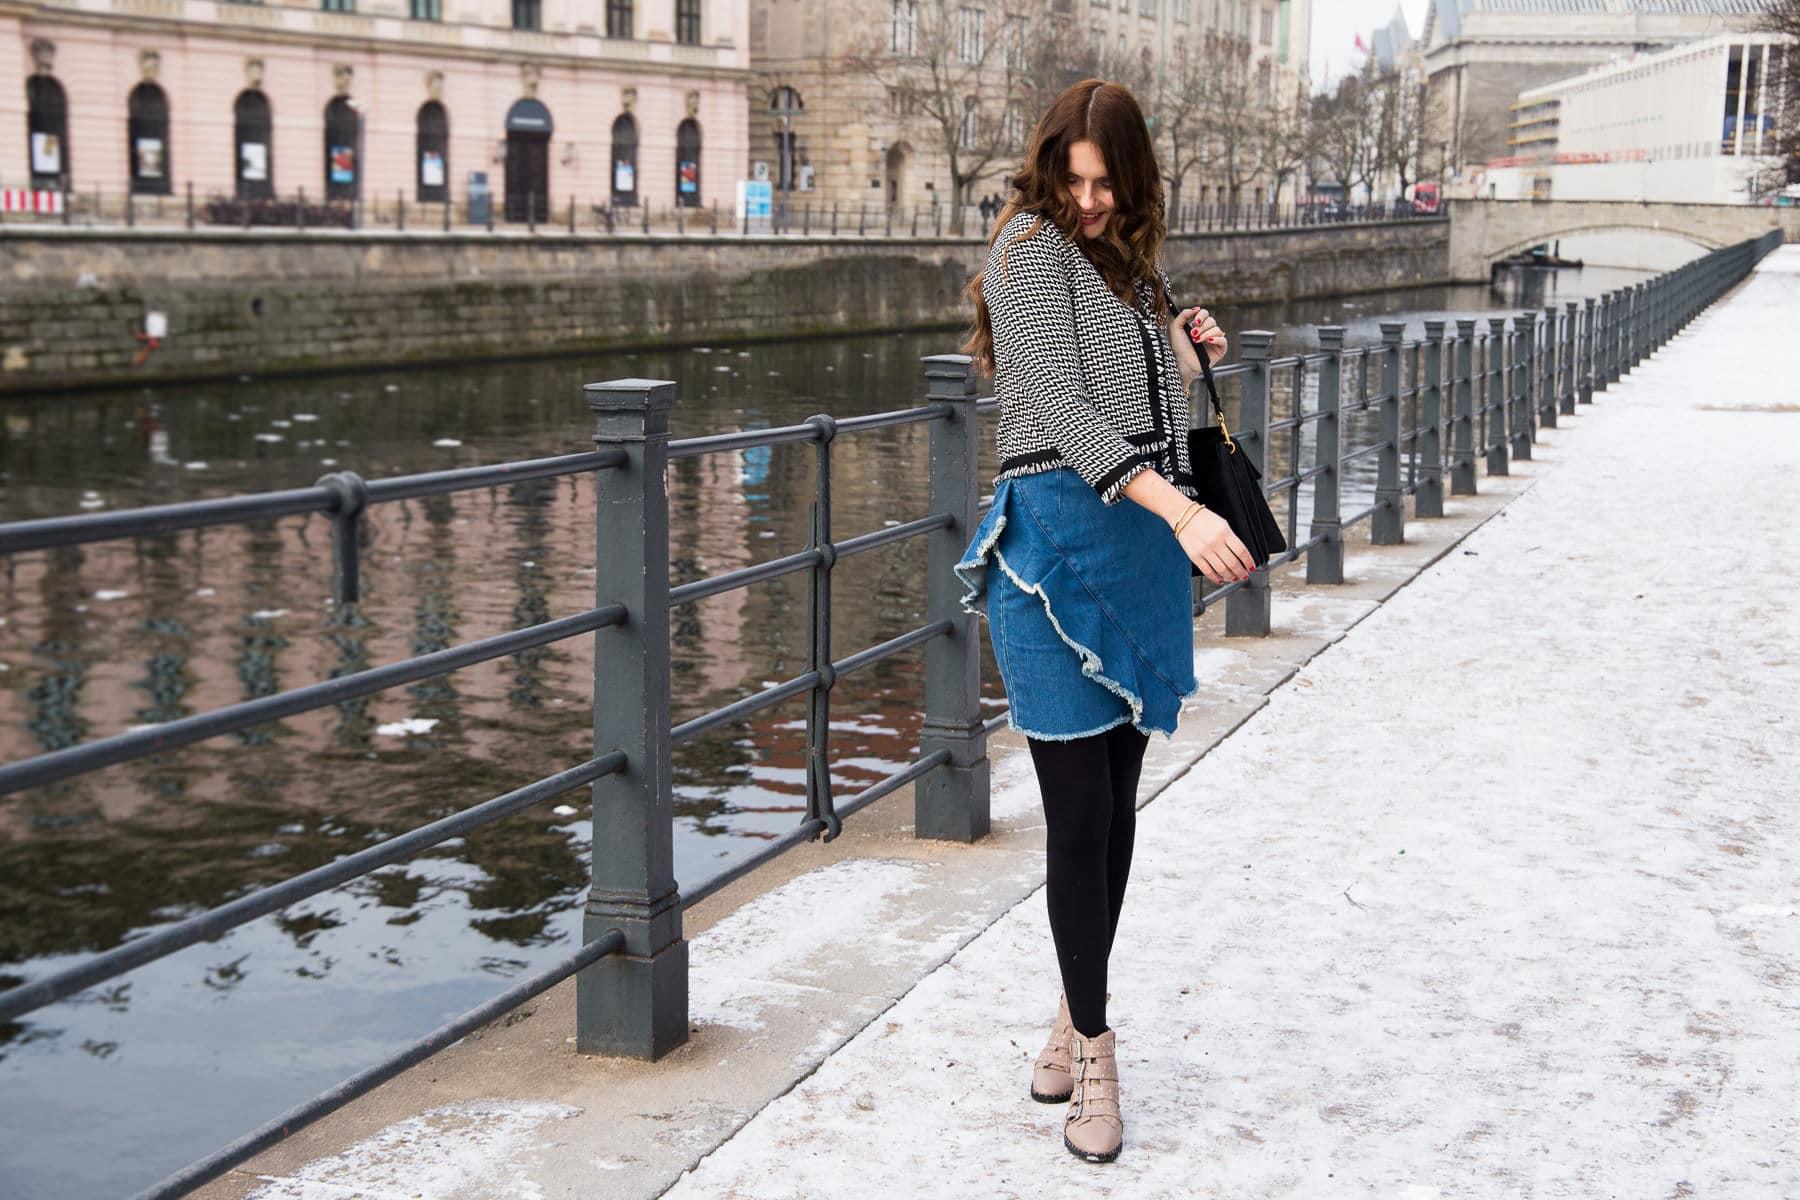 2019 heißer verkauf süß billig bis zu 60% sparen Hallhuber Tweed Jacke, Volant Jeansrock & Topshop AMY Boots